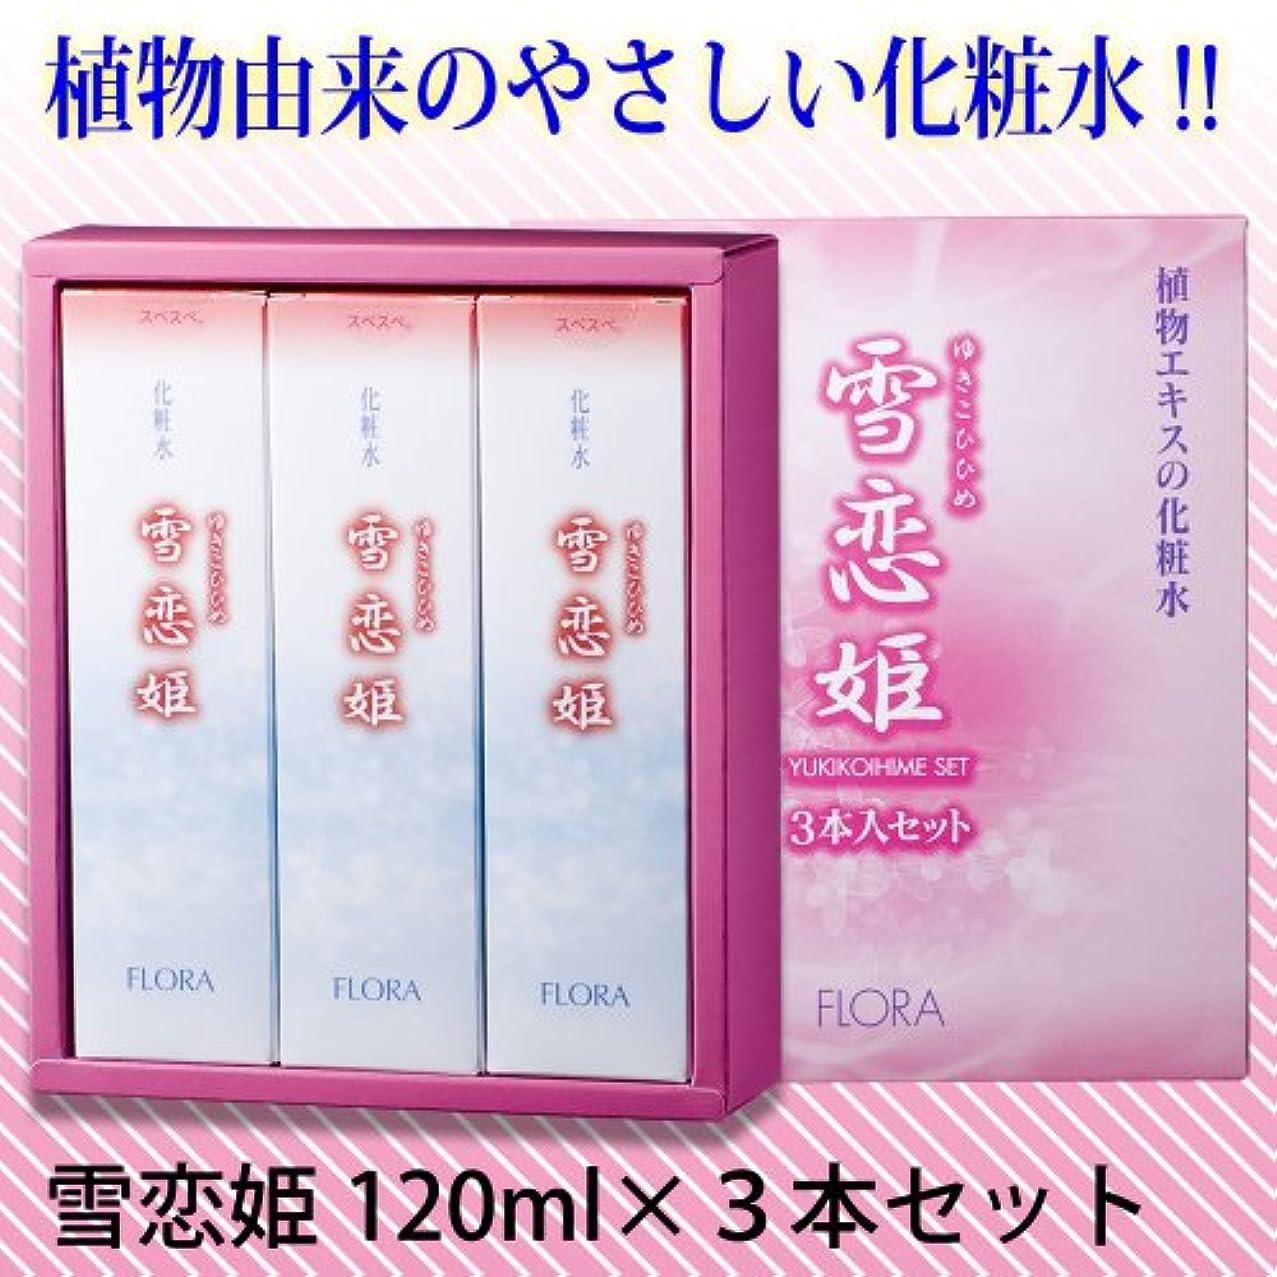 招待誤解させる判読できない雪恋姫 化粧水 120ml×3本セット